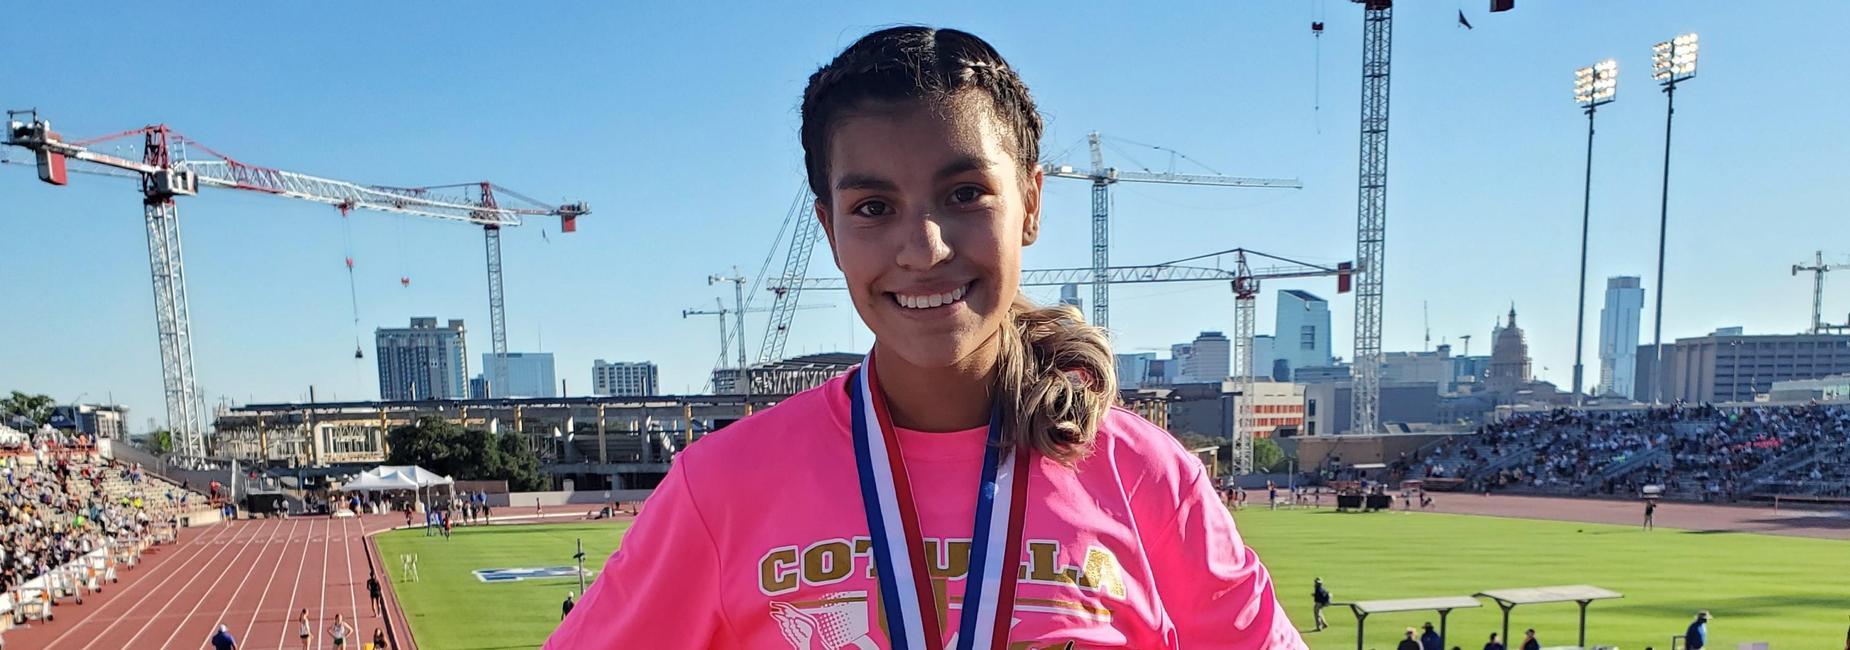 Raeann Charo 100m 3rd place